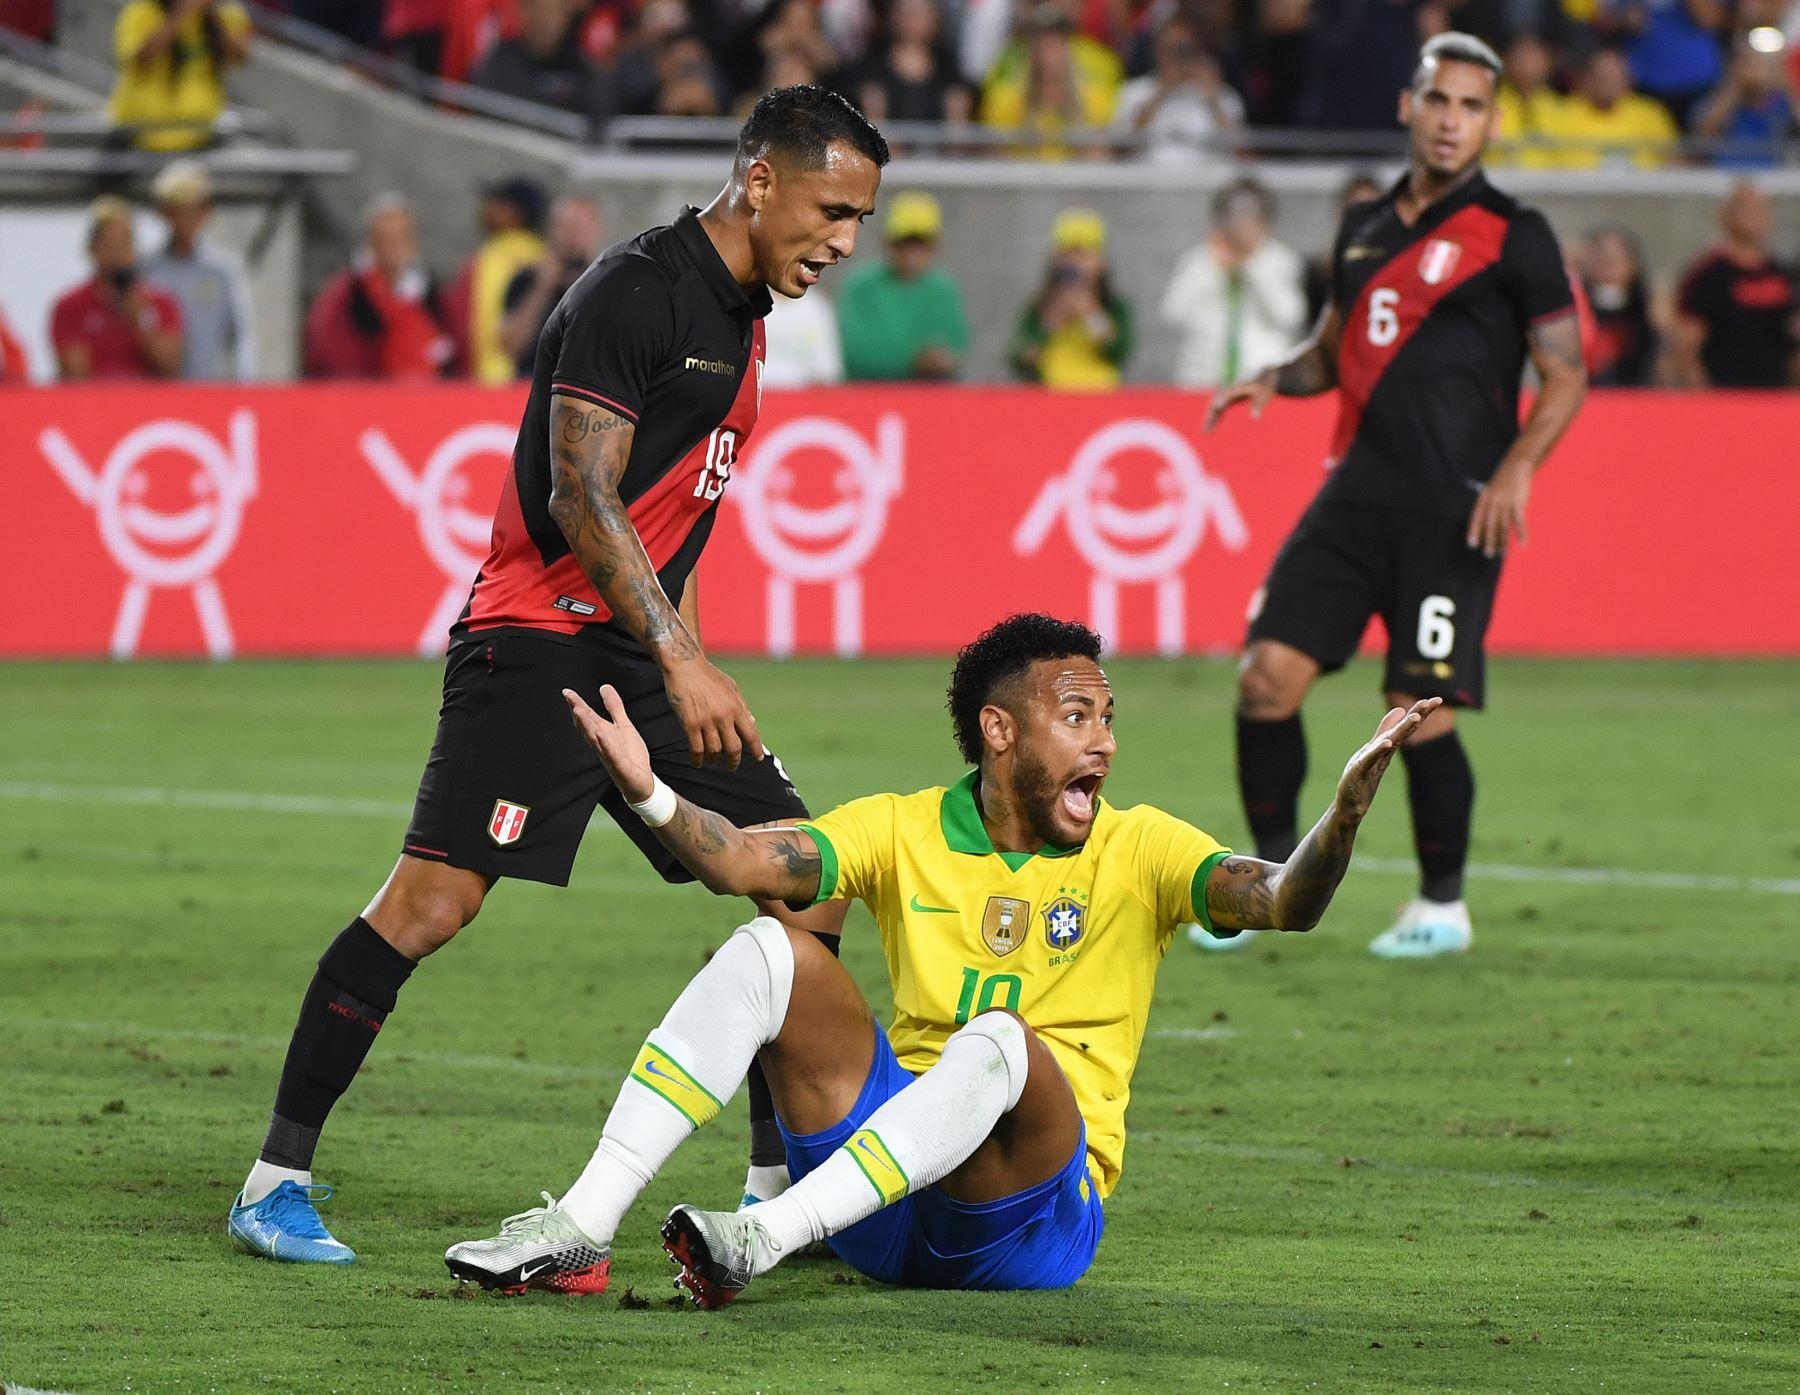 Neymar de Brasil reacciona después de tropezar durante el partido de fútbol amistoso internacional entre Brasil y Perú en el Los Angeles Memorial Coliseum, en Los Ángeles, California, el 10 de septiembre de 2019. - Perú ganó 1-0. AFP